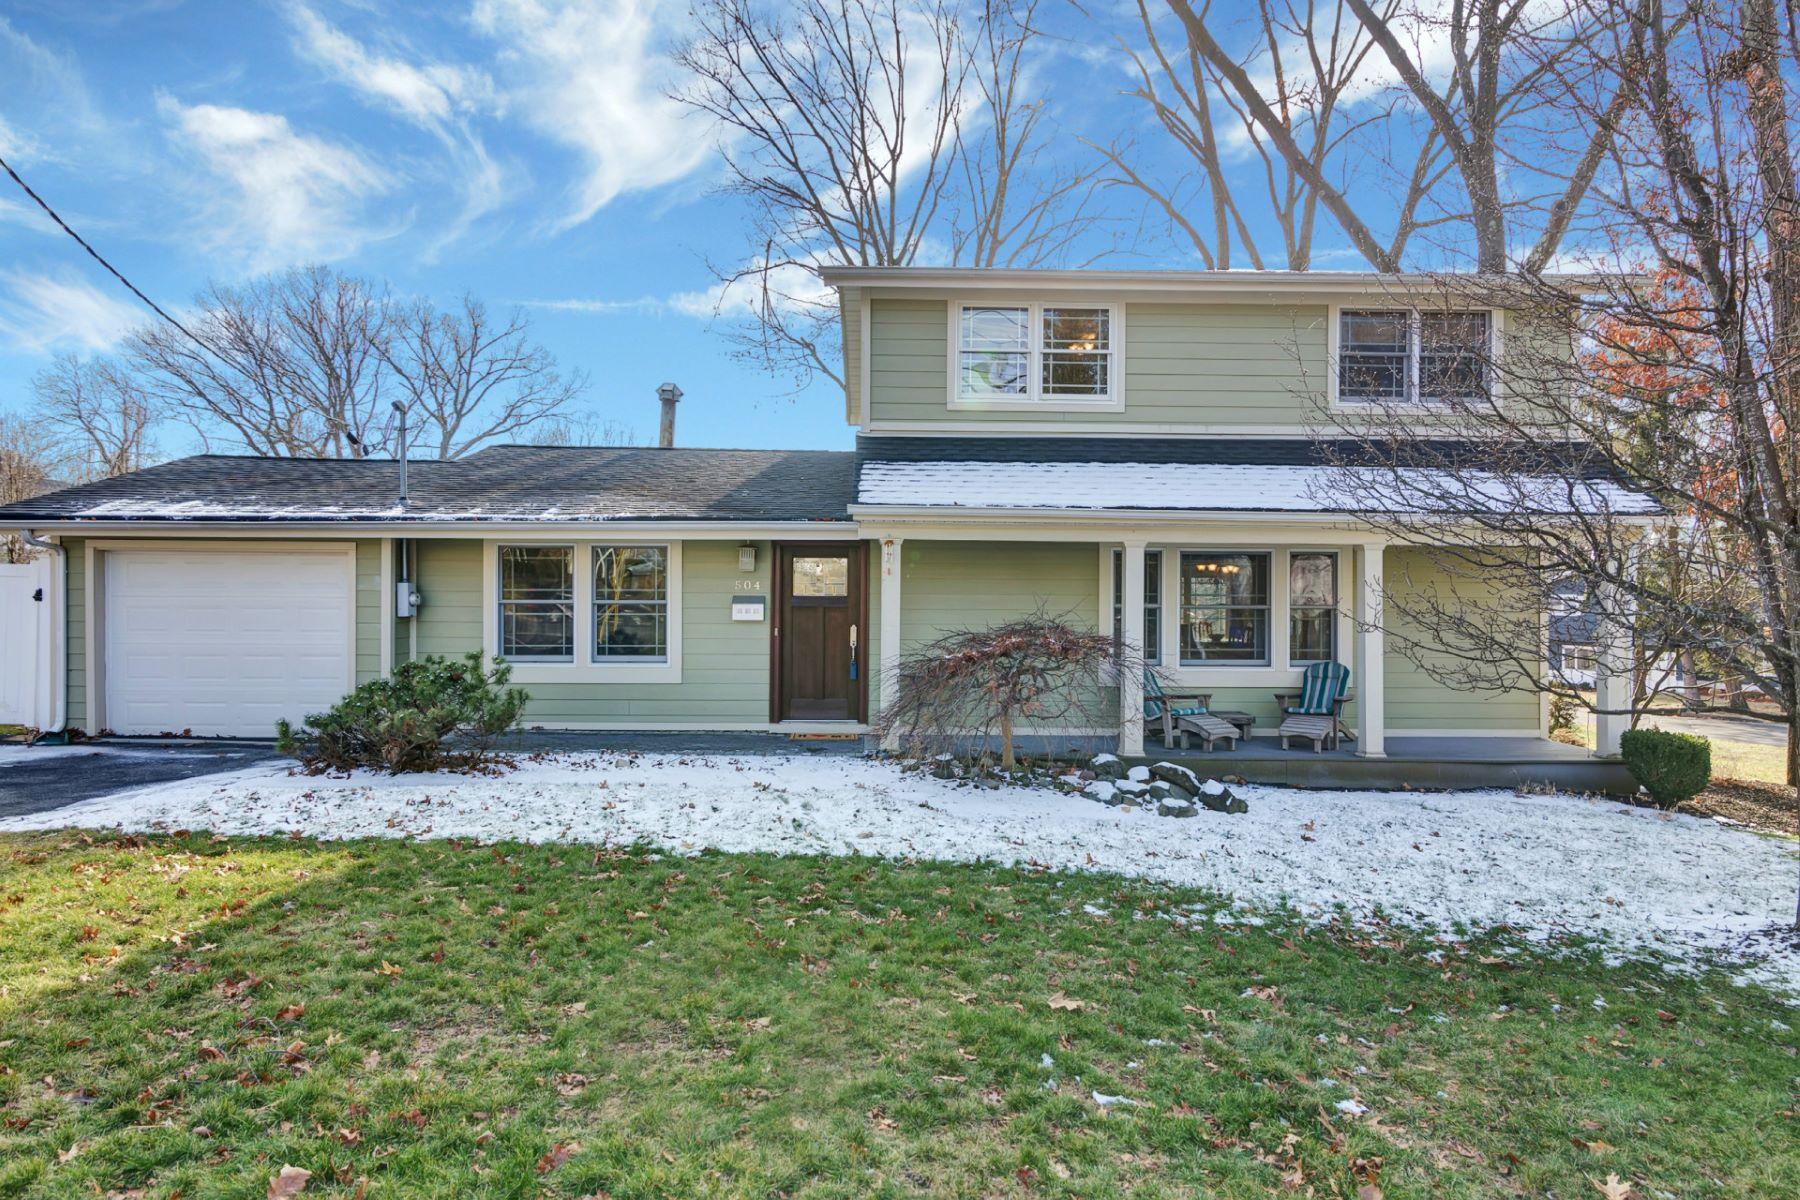 Maison unifamiliale pour l Vente à Move In Ready 504 Clinton Ave Northvale, New Jersey 07647 États-Unis